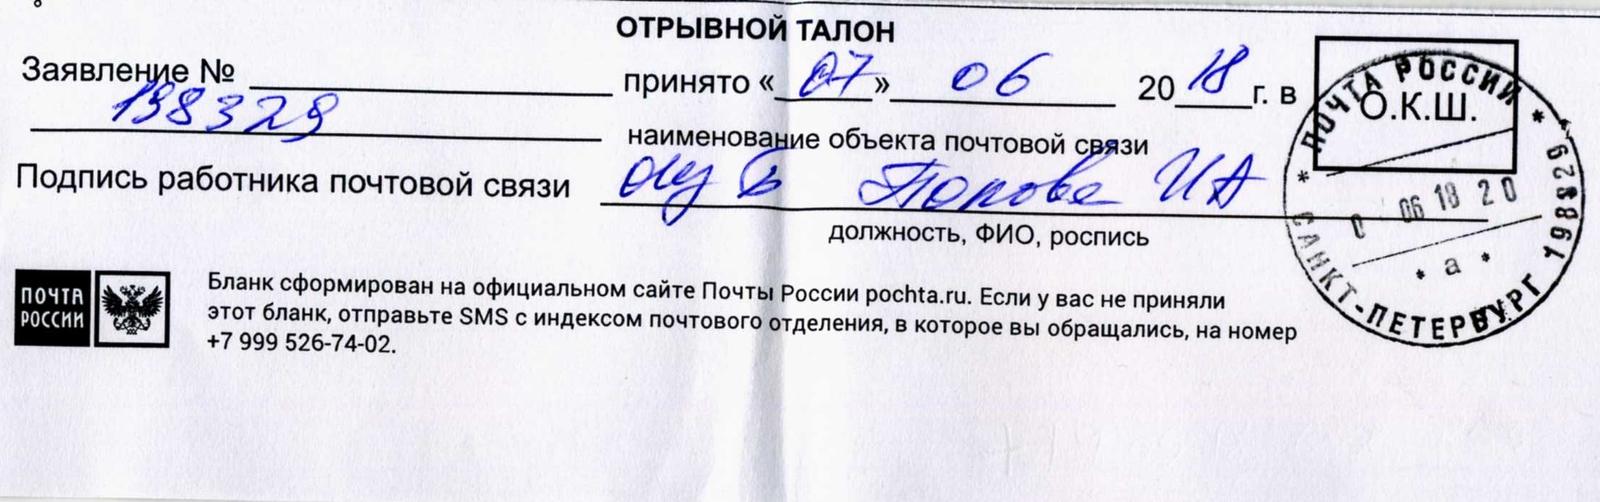 Почта россии серов участки